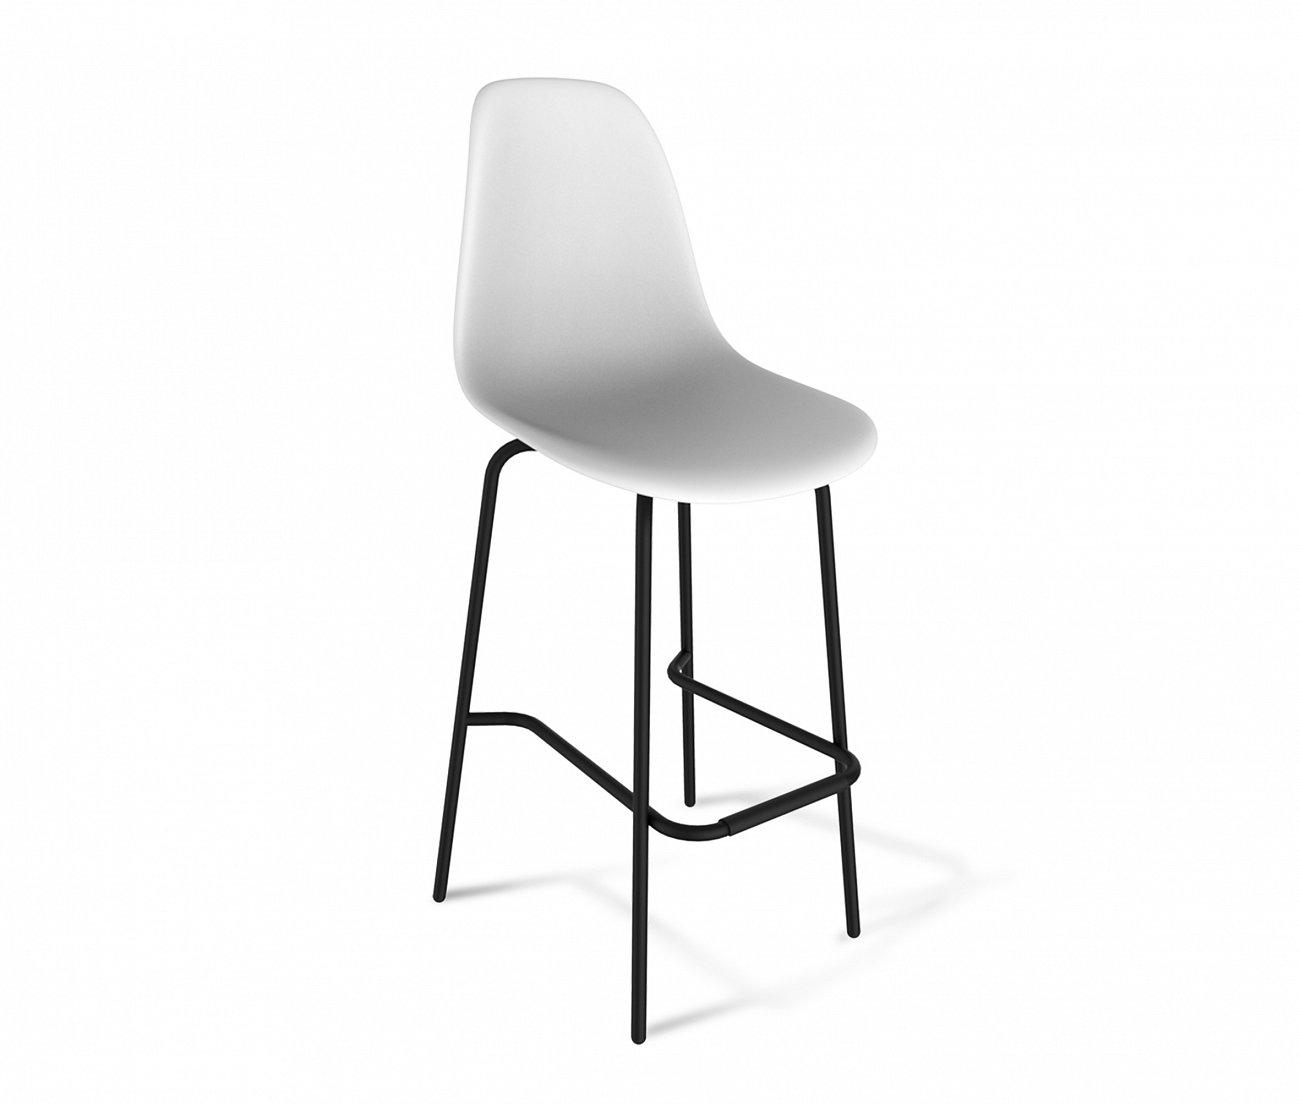 Купить Стул барный DSR белый S29 в интернет магазине дизайнерской мебели и аксессуаров для дома и дачи